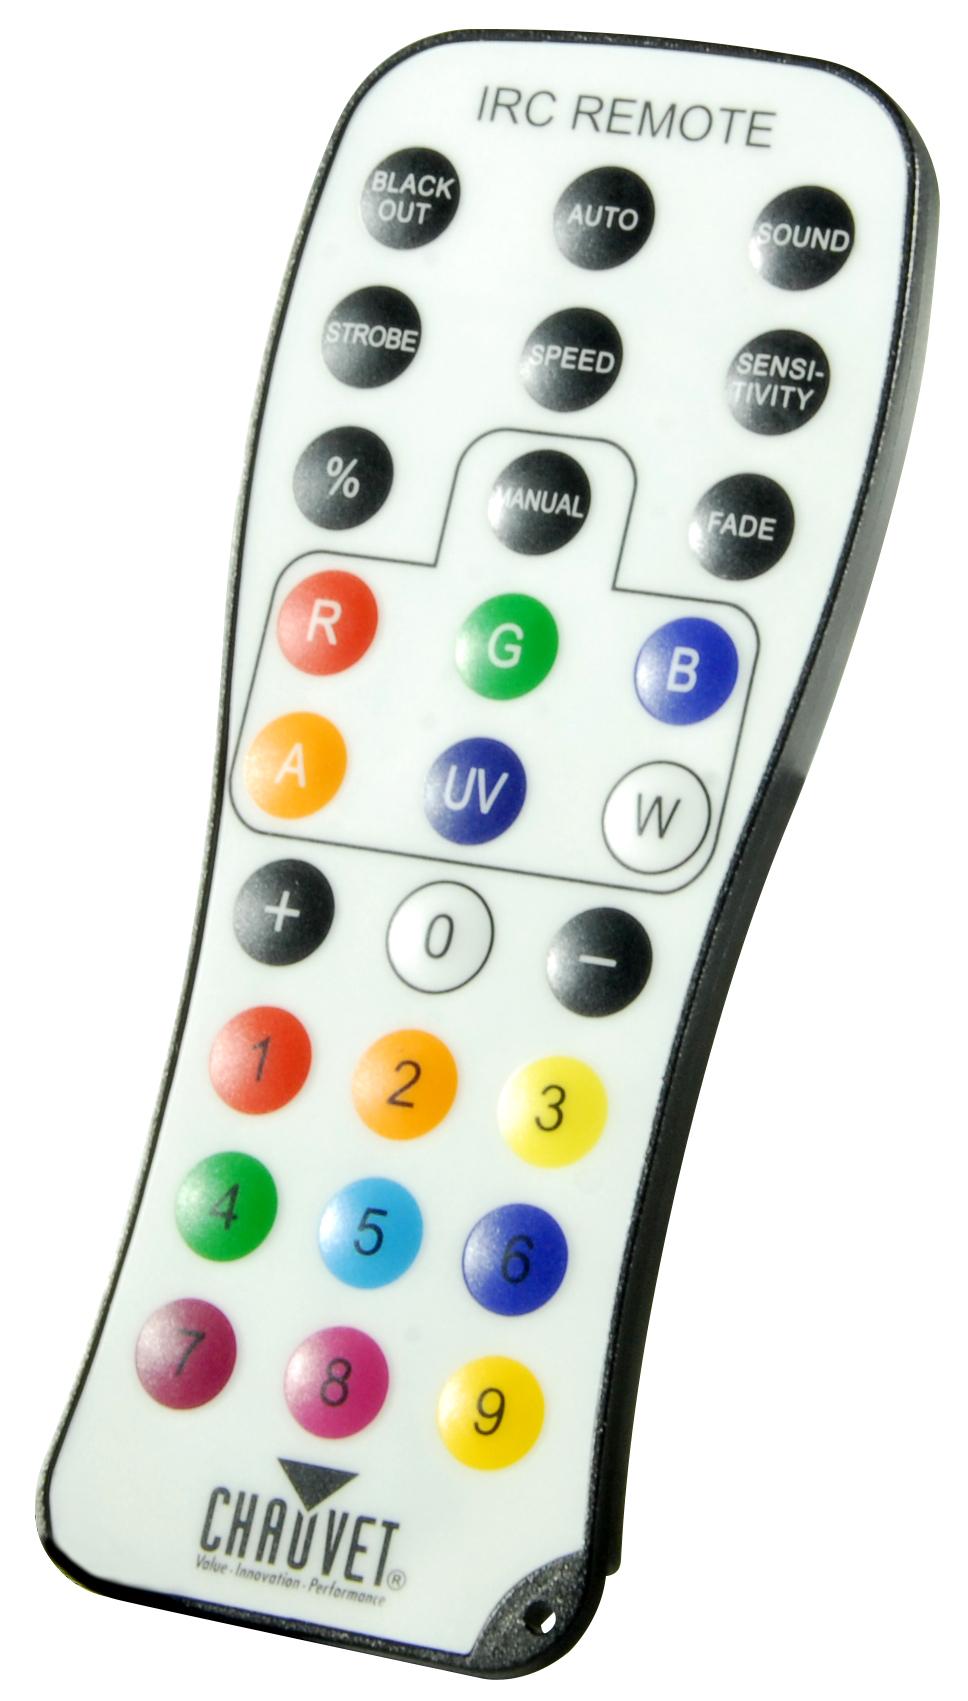 chauvet-irc-6-remote.jpg